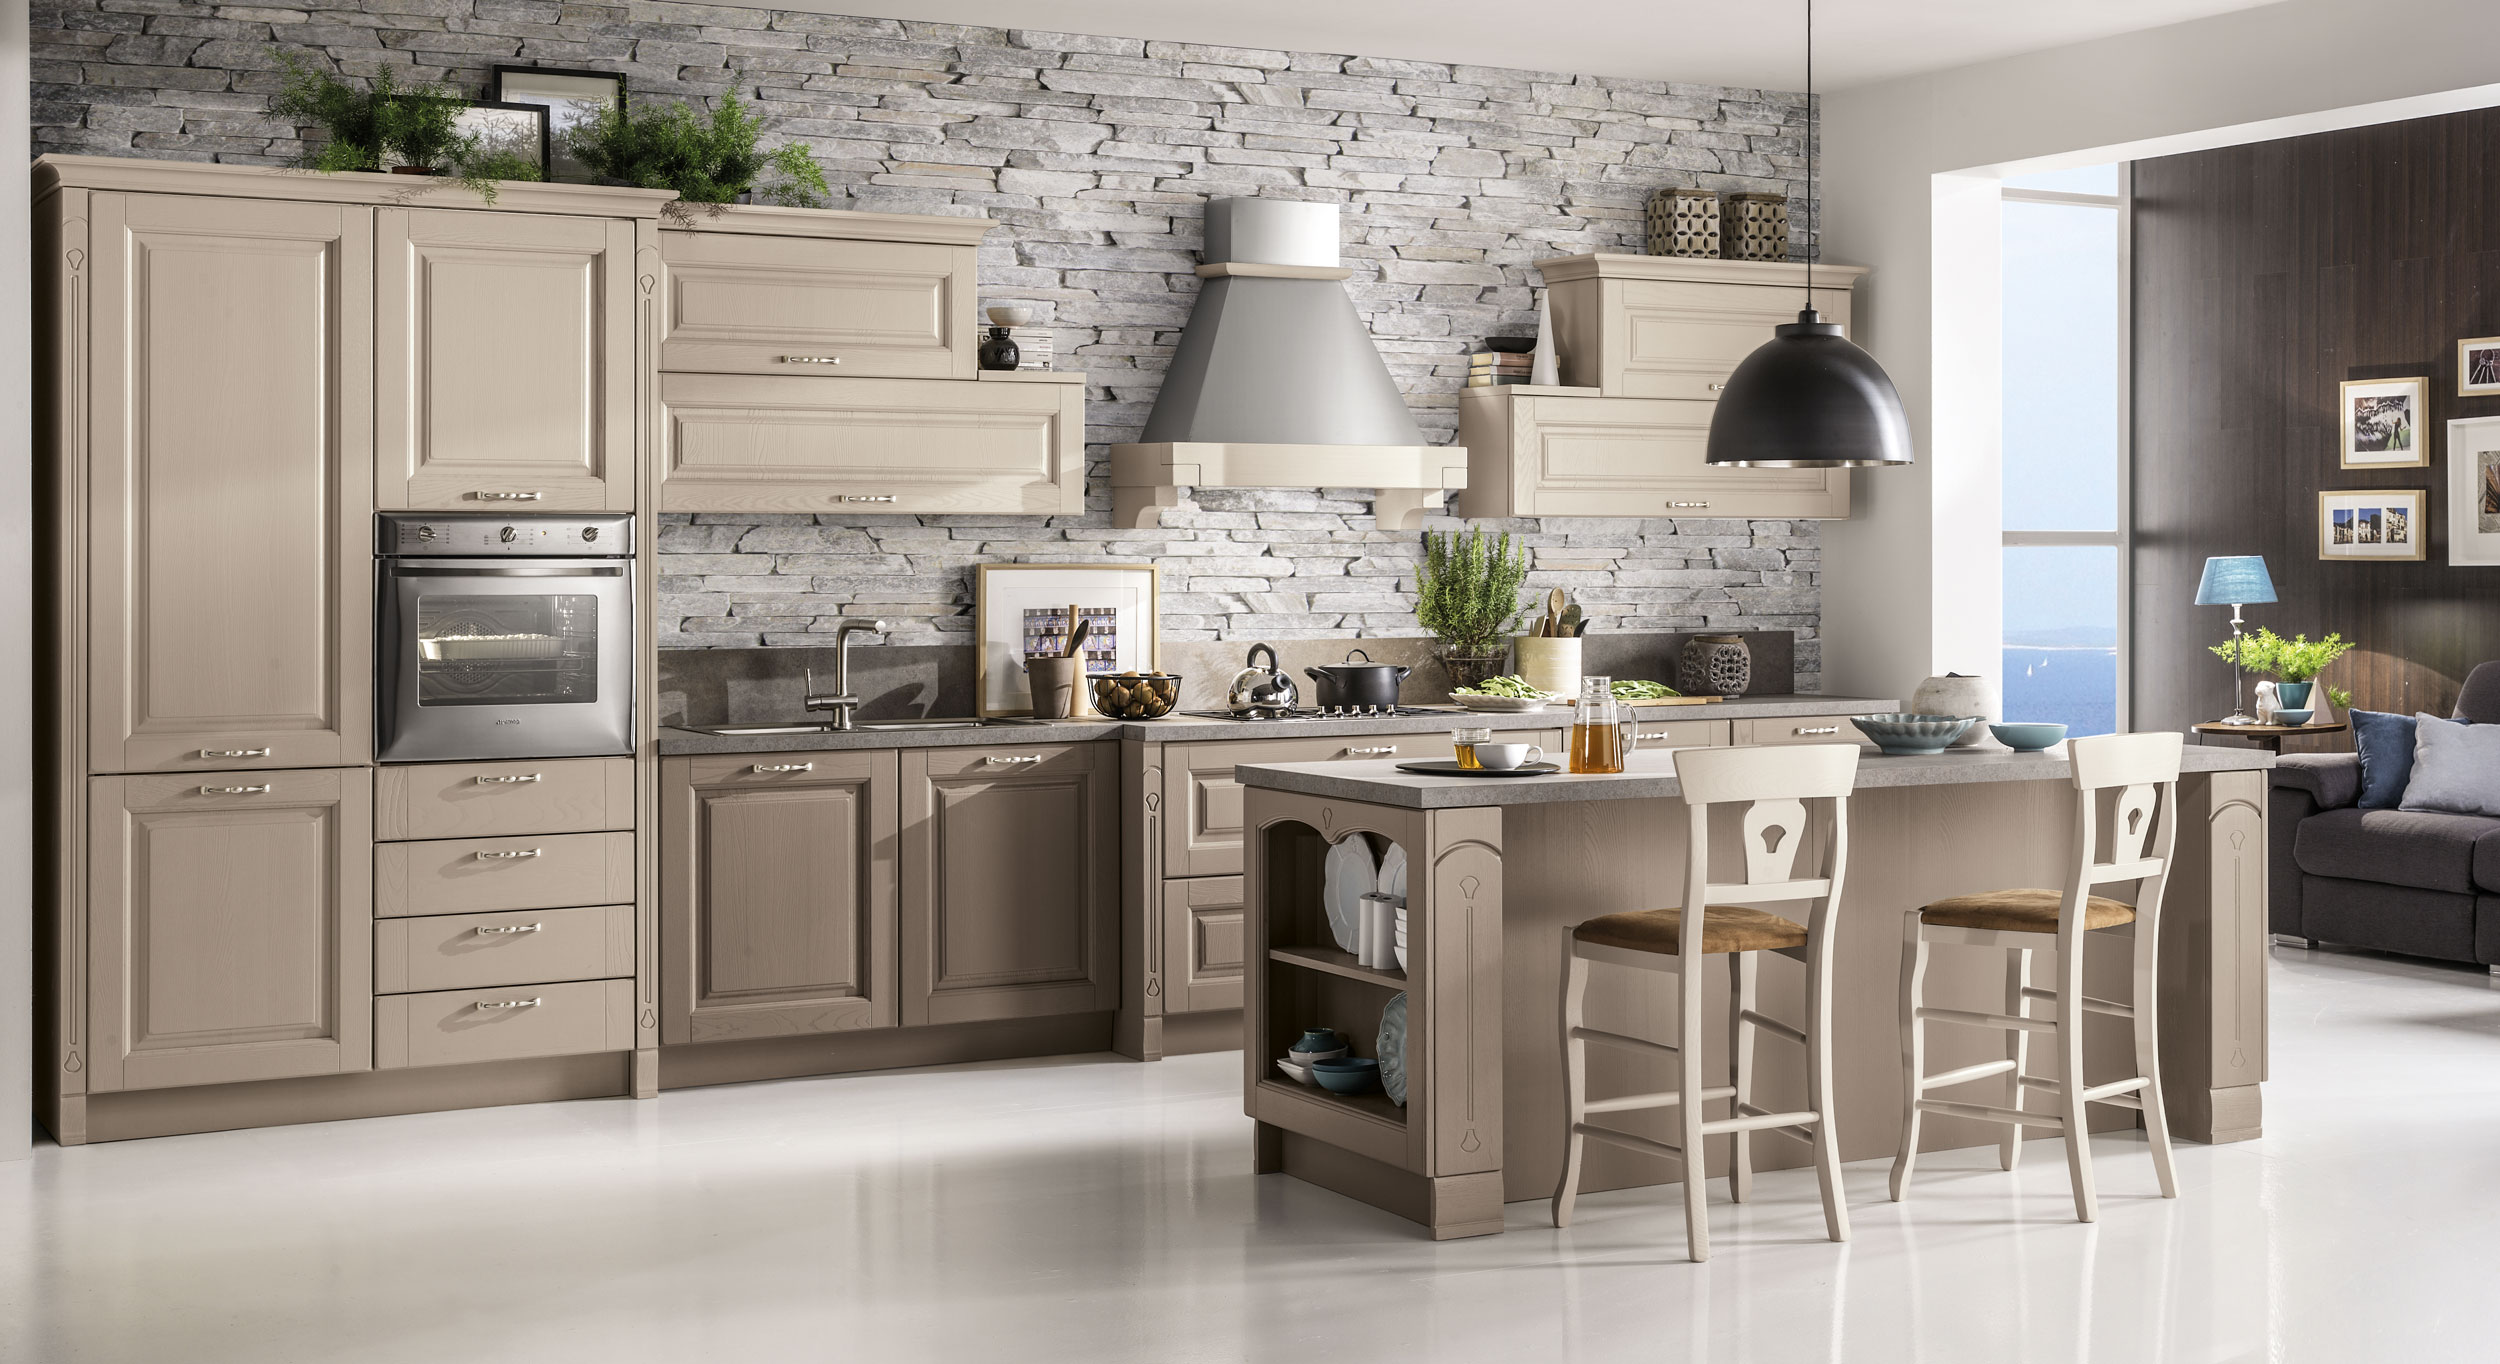 Cucina stosa bolgheri lorenzelli arredamenti for Cucine classiche